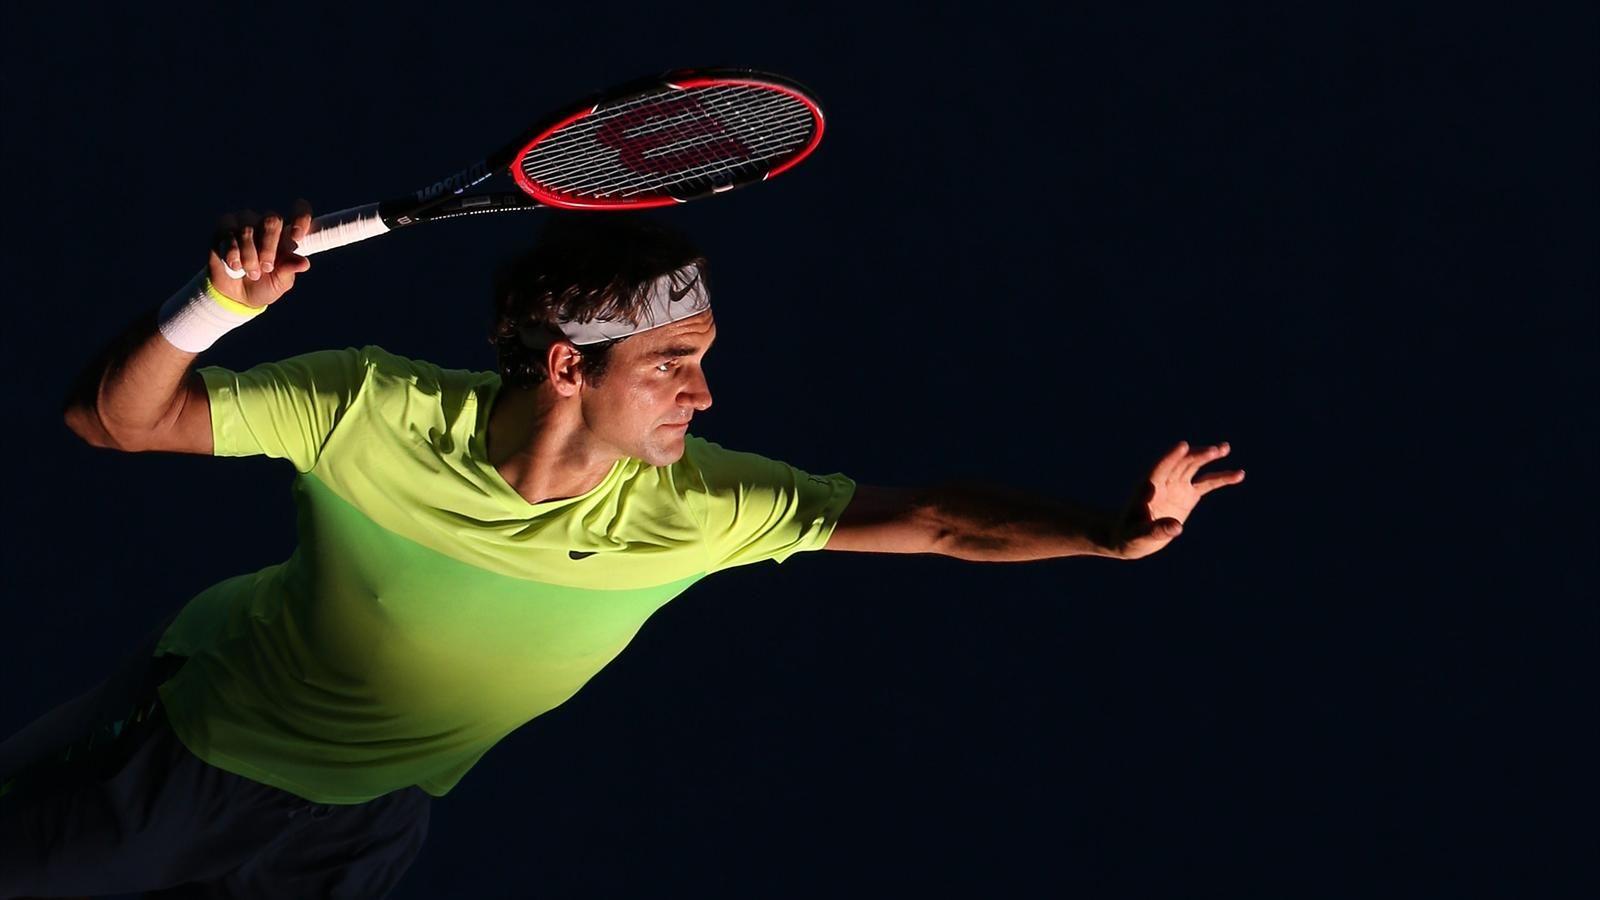 Federer Cover Image